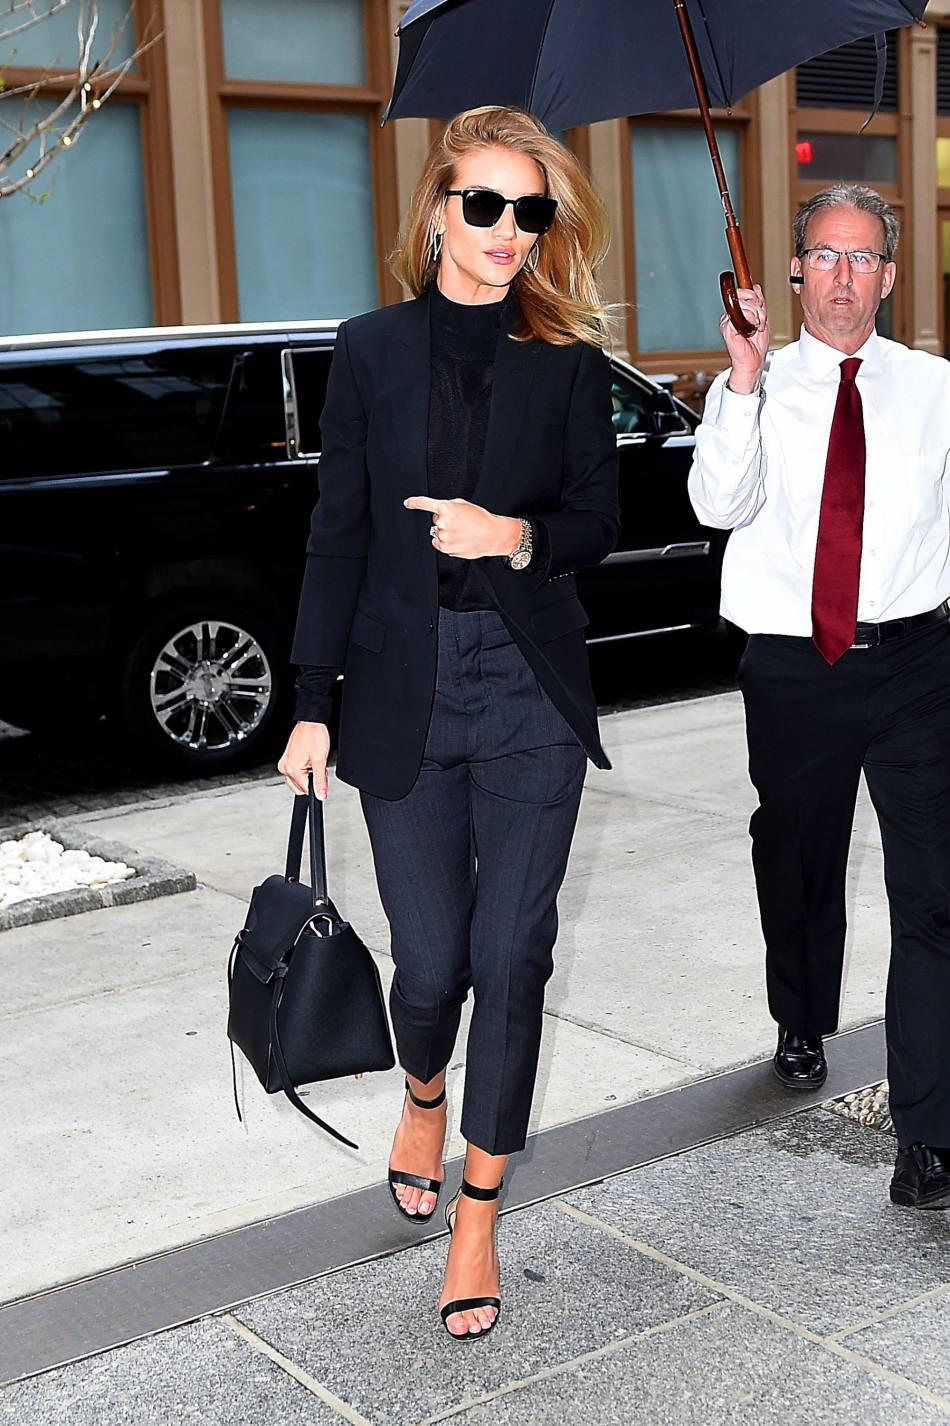 Rosie Huntington-Whiteley mixe sensualité et élégance dans un total look noir.